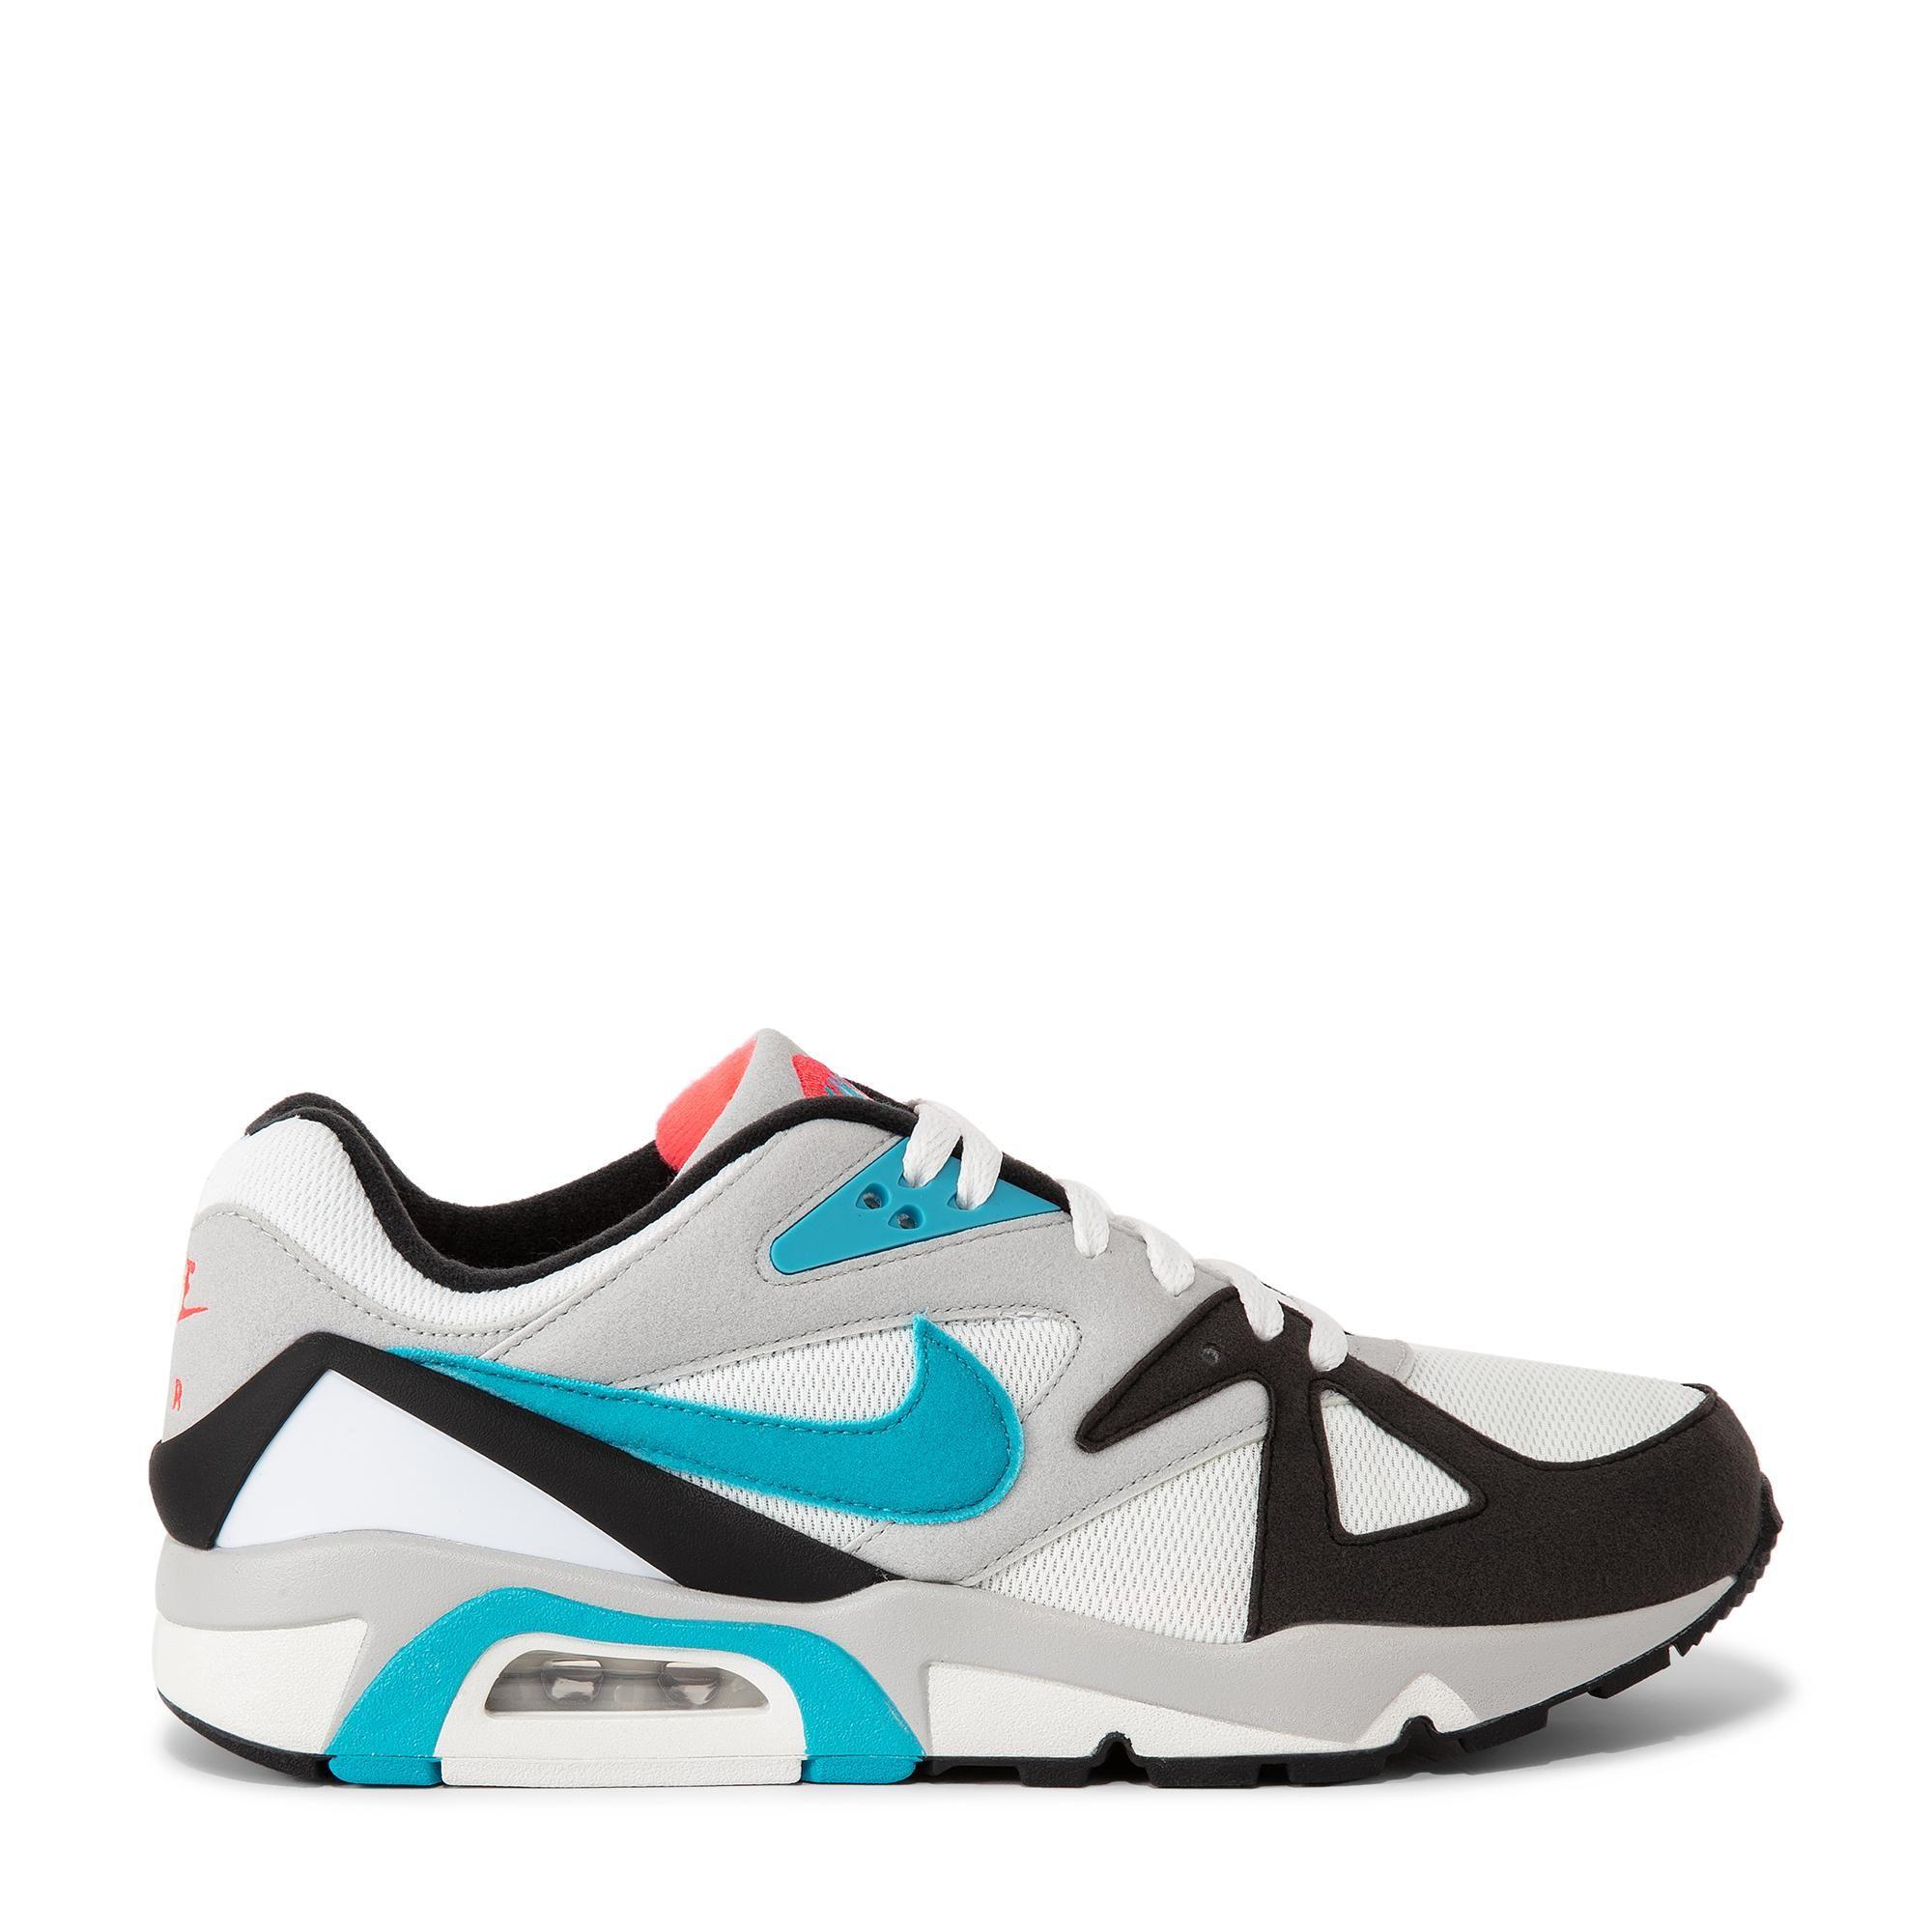 """حذاء """"إير ستراكتشر ترياكس 91 أو جي"""" الرياضي"""